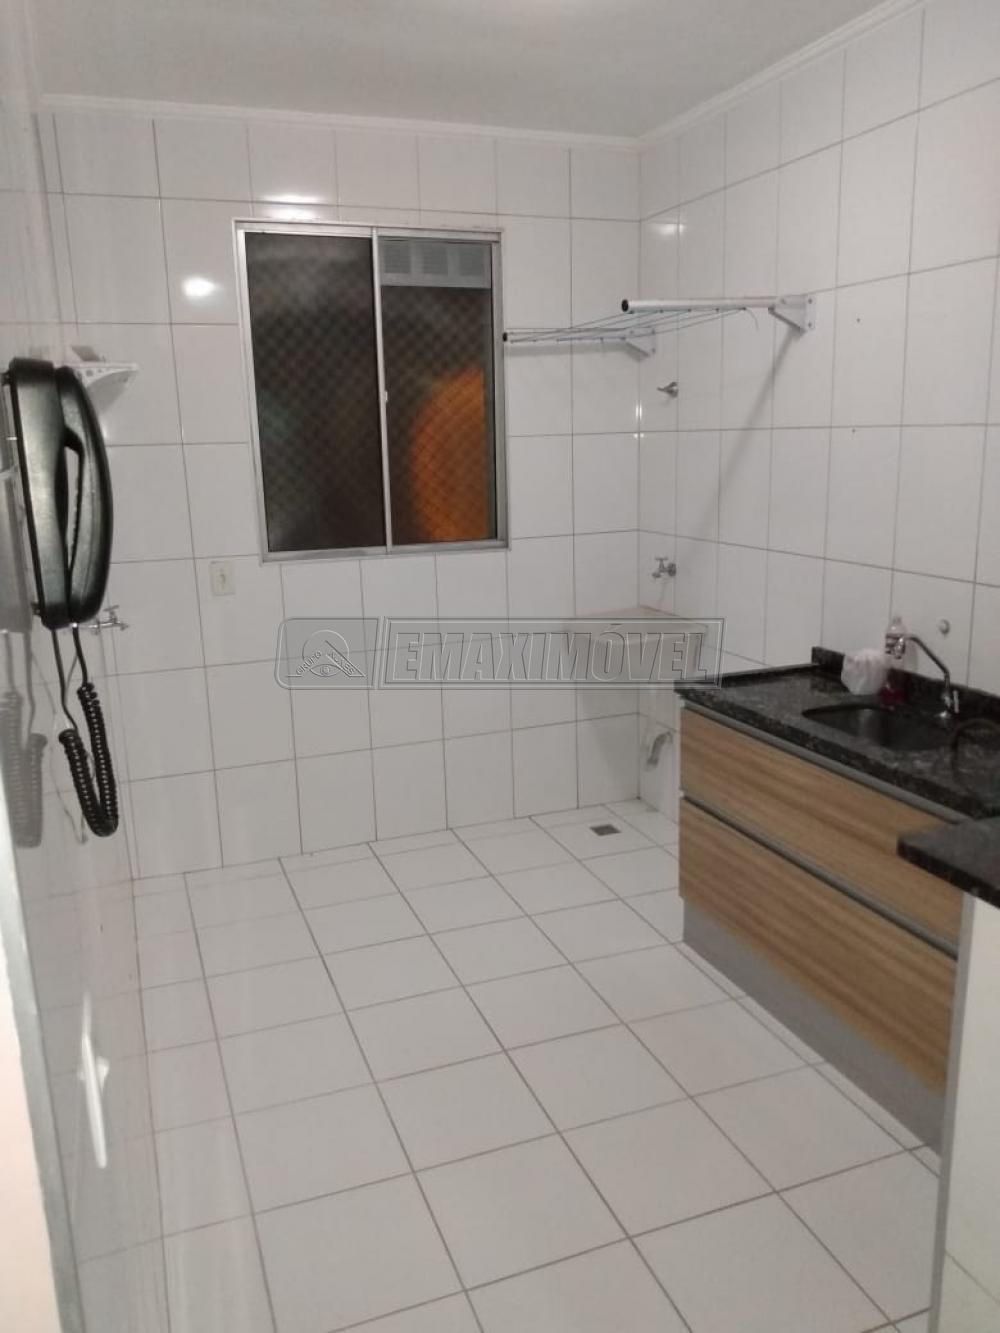 Comprar Apartamentos / Apto Padrão em Sorocaba apenas R$ 130.000,00 - Foto 5